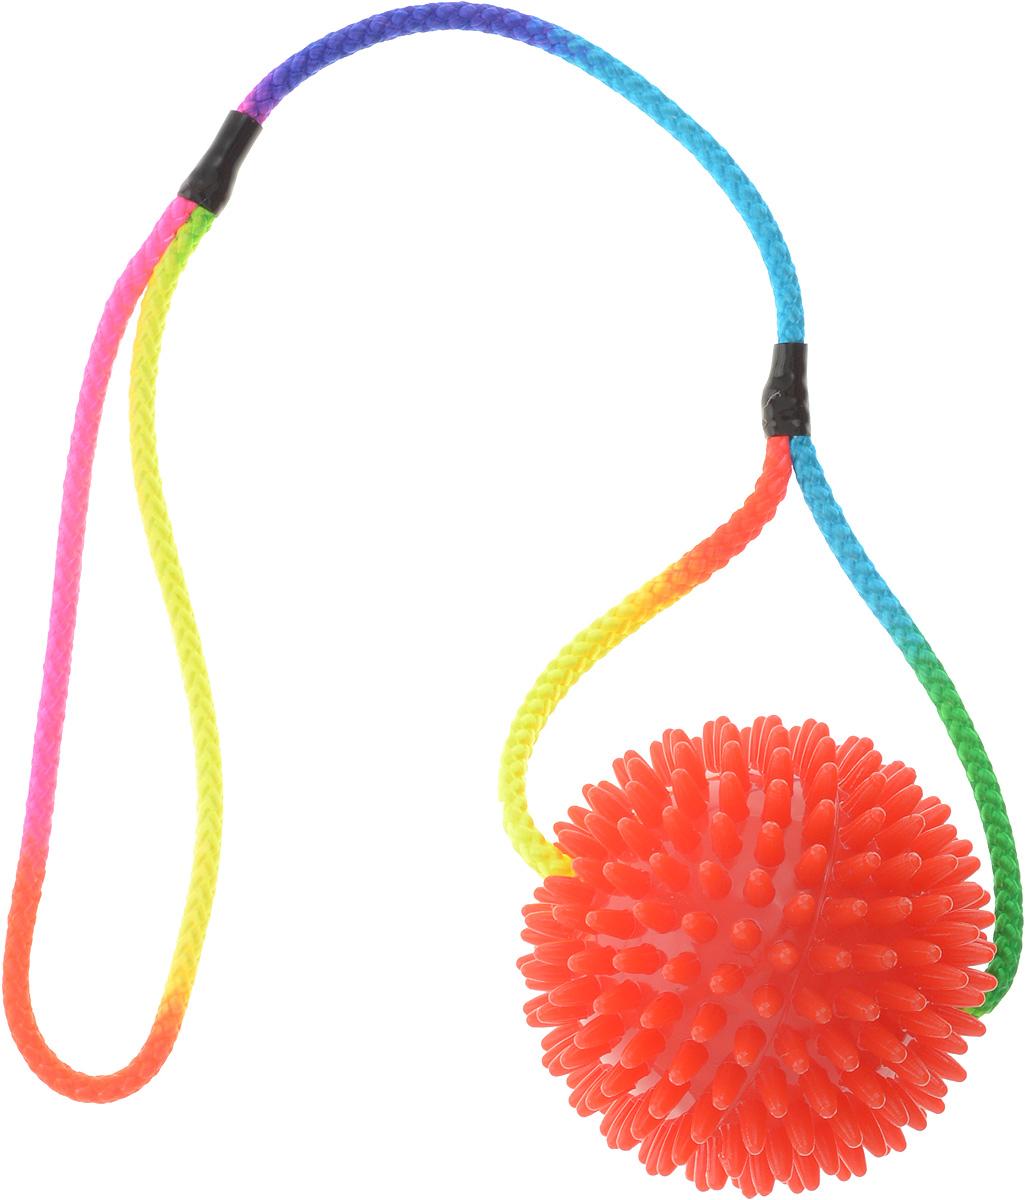 Игрушка для собак V.I.Pet Массажный мяч, на шнуре, цвет: красный, диаметр 9 см770950_красныйИгрушка для собак V.I.Pet Массажный мяч, изготовленная из пластика, предназначена для массажа и самомассажа рефлексогенных зон. Она имеет мягкие закругленные массажные шипы, эффективно массирующие и не травмирующие кожу. Сквозь мяч продет разноцветный шнур. Игрушка не позволит скучать вашему питомцу ни дома, ни на улице. Диаметр: 9 см. Длина шнура: 50 см.